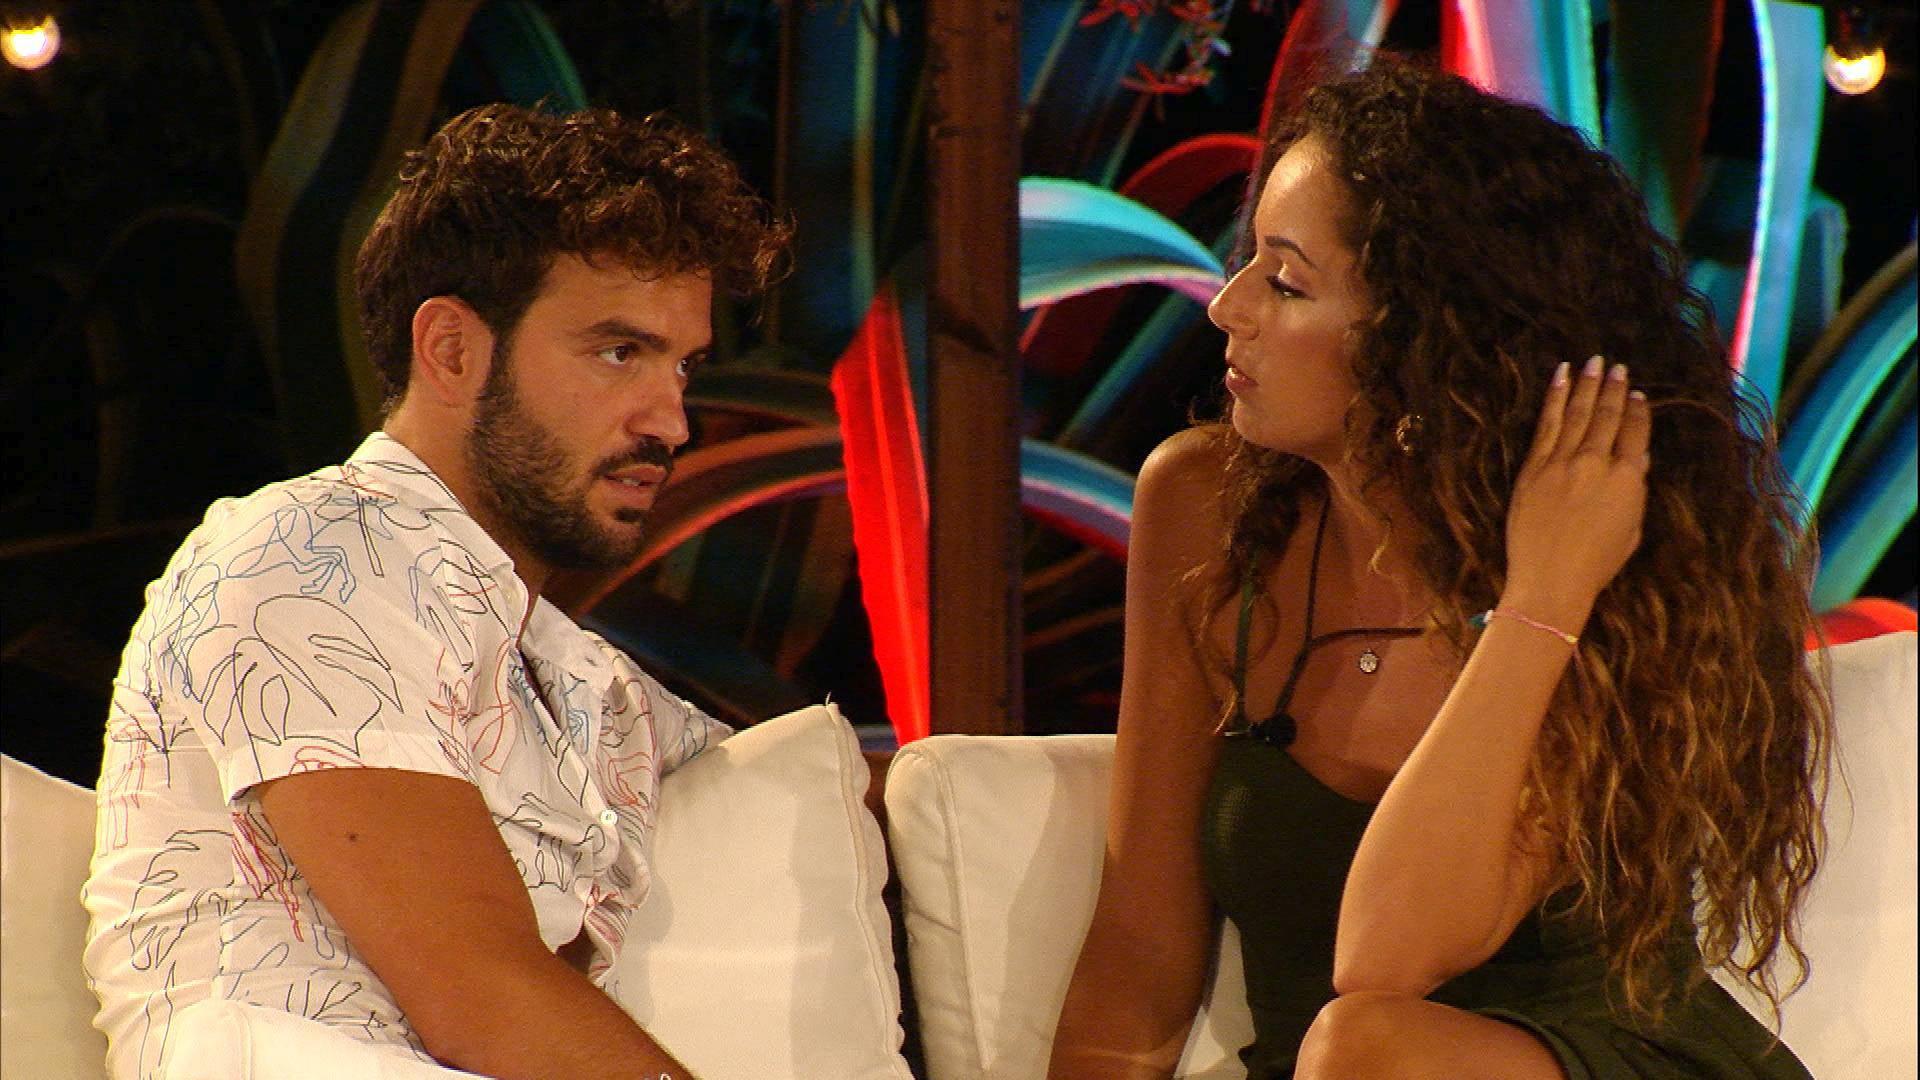 Vivien erhält Nachricht. Couples müssen entscheiden, wer bleiben soll.